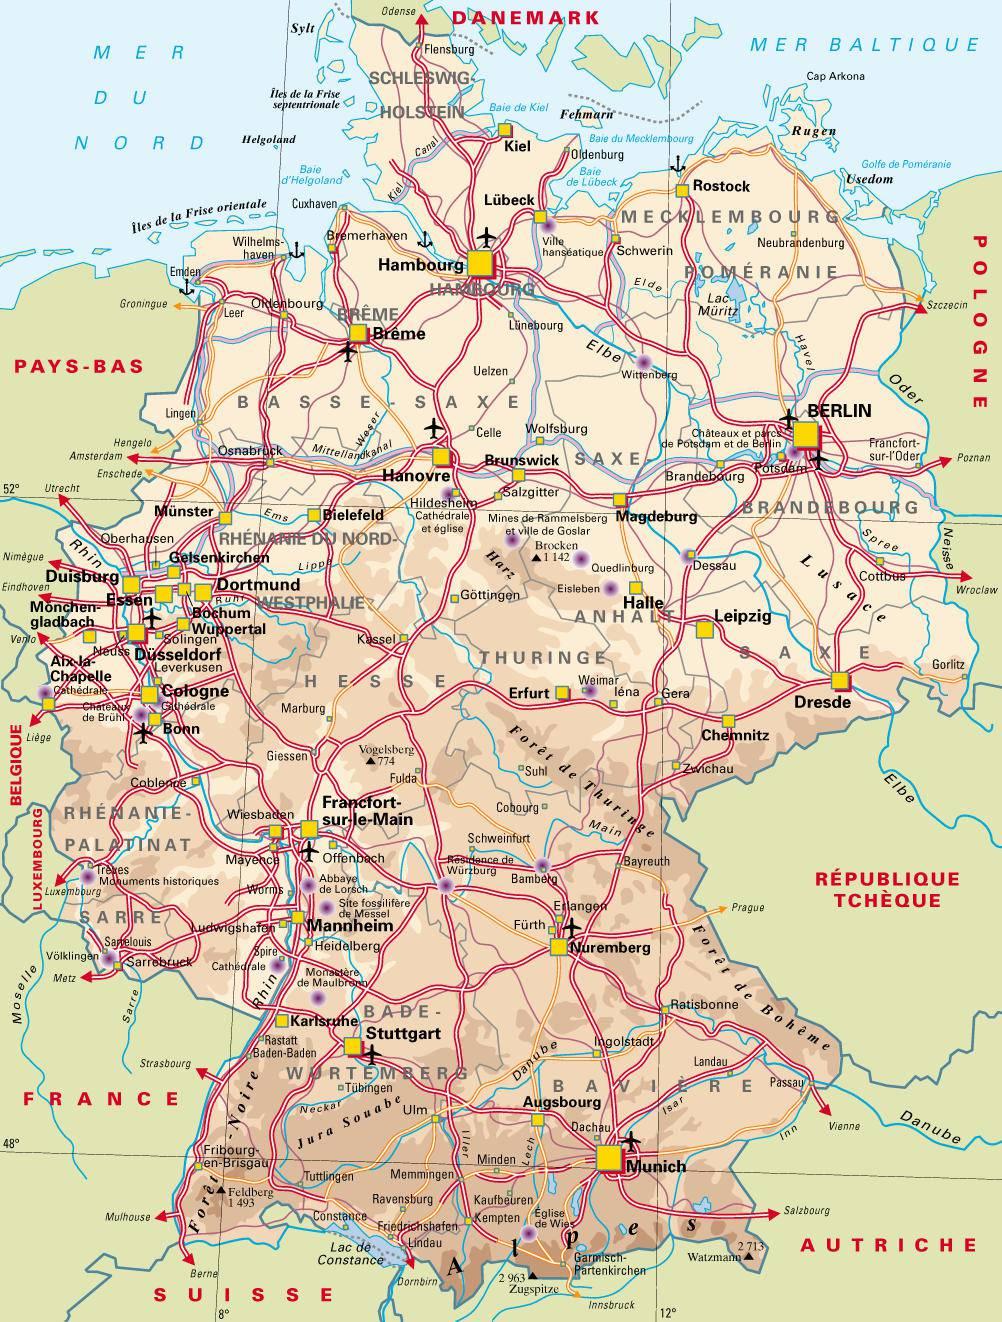 Carte de l'Allemagne